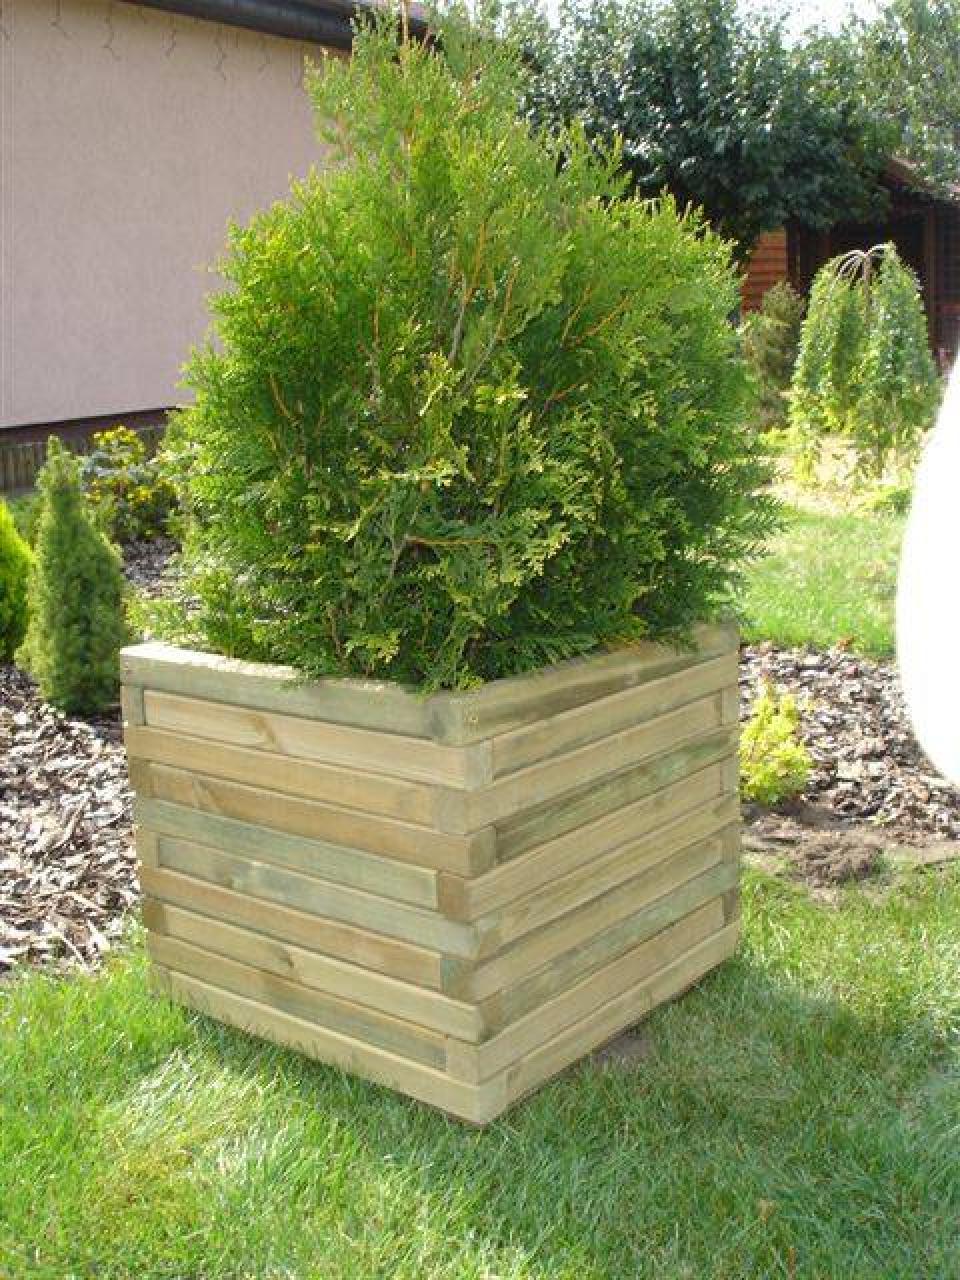 bac à plantes carré - bacs à fleurs et jardinières en bois 27 - flbc